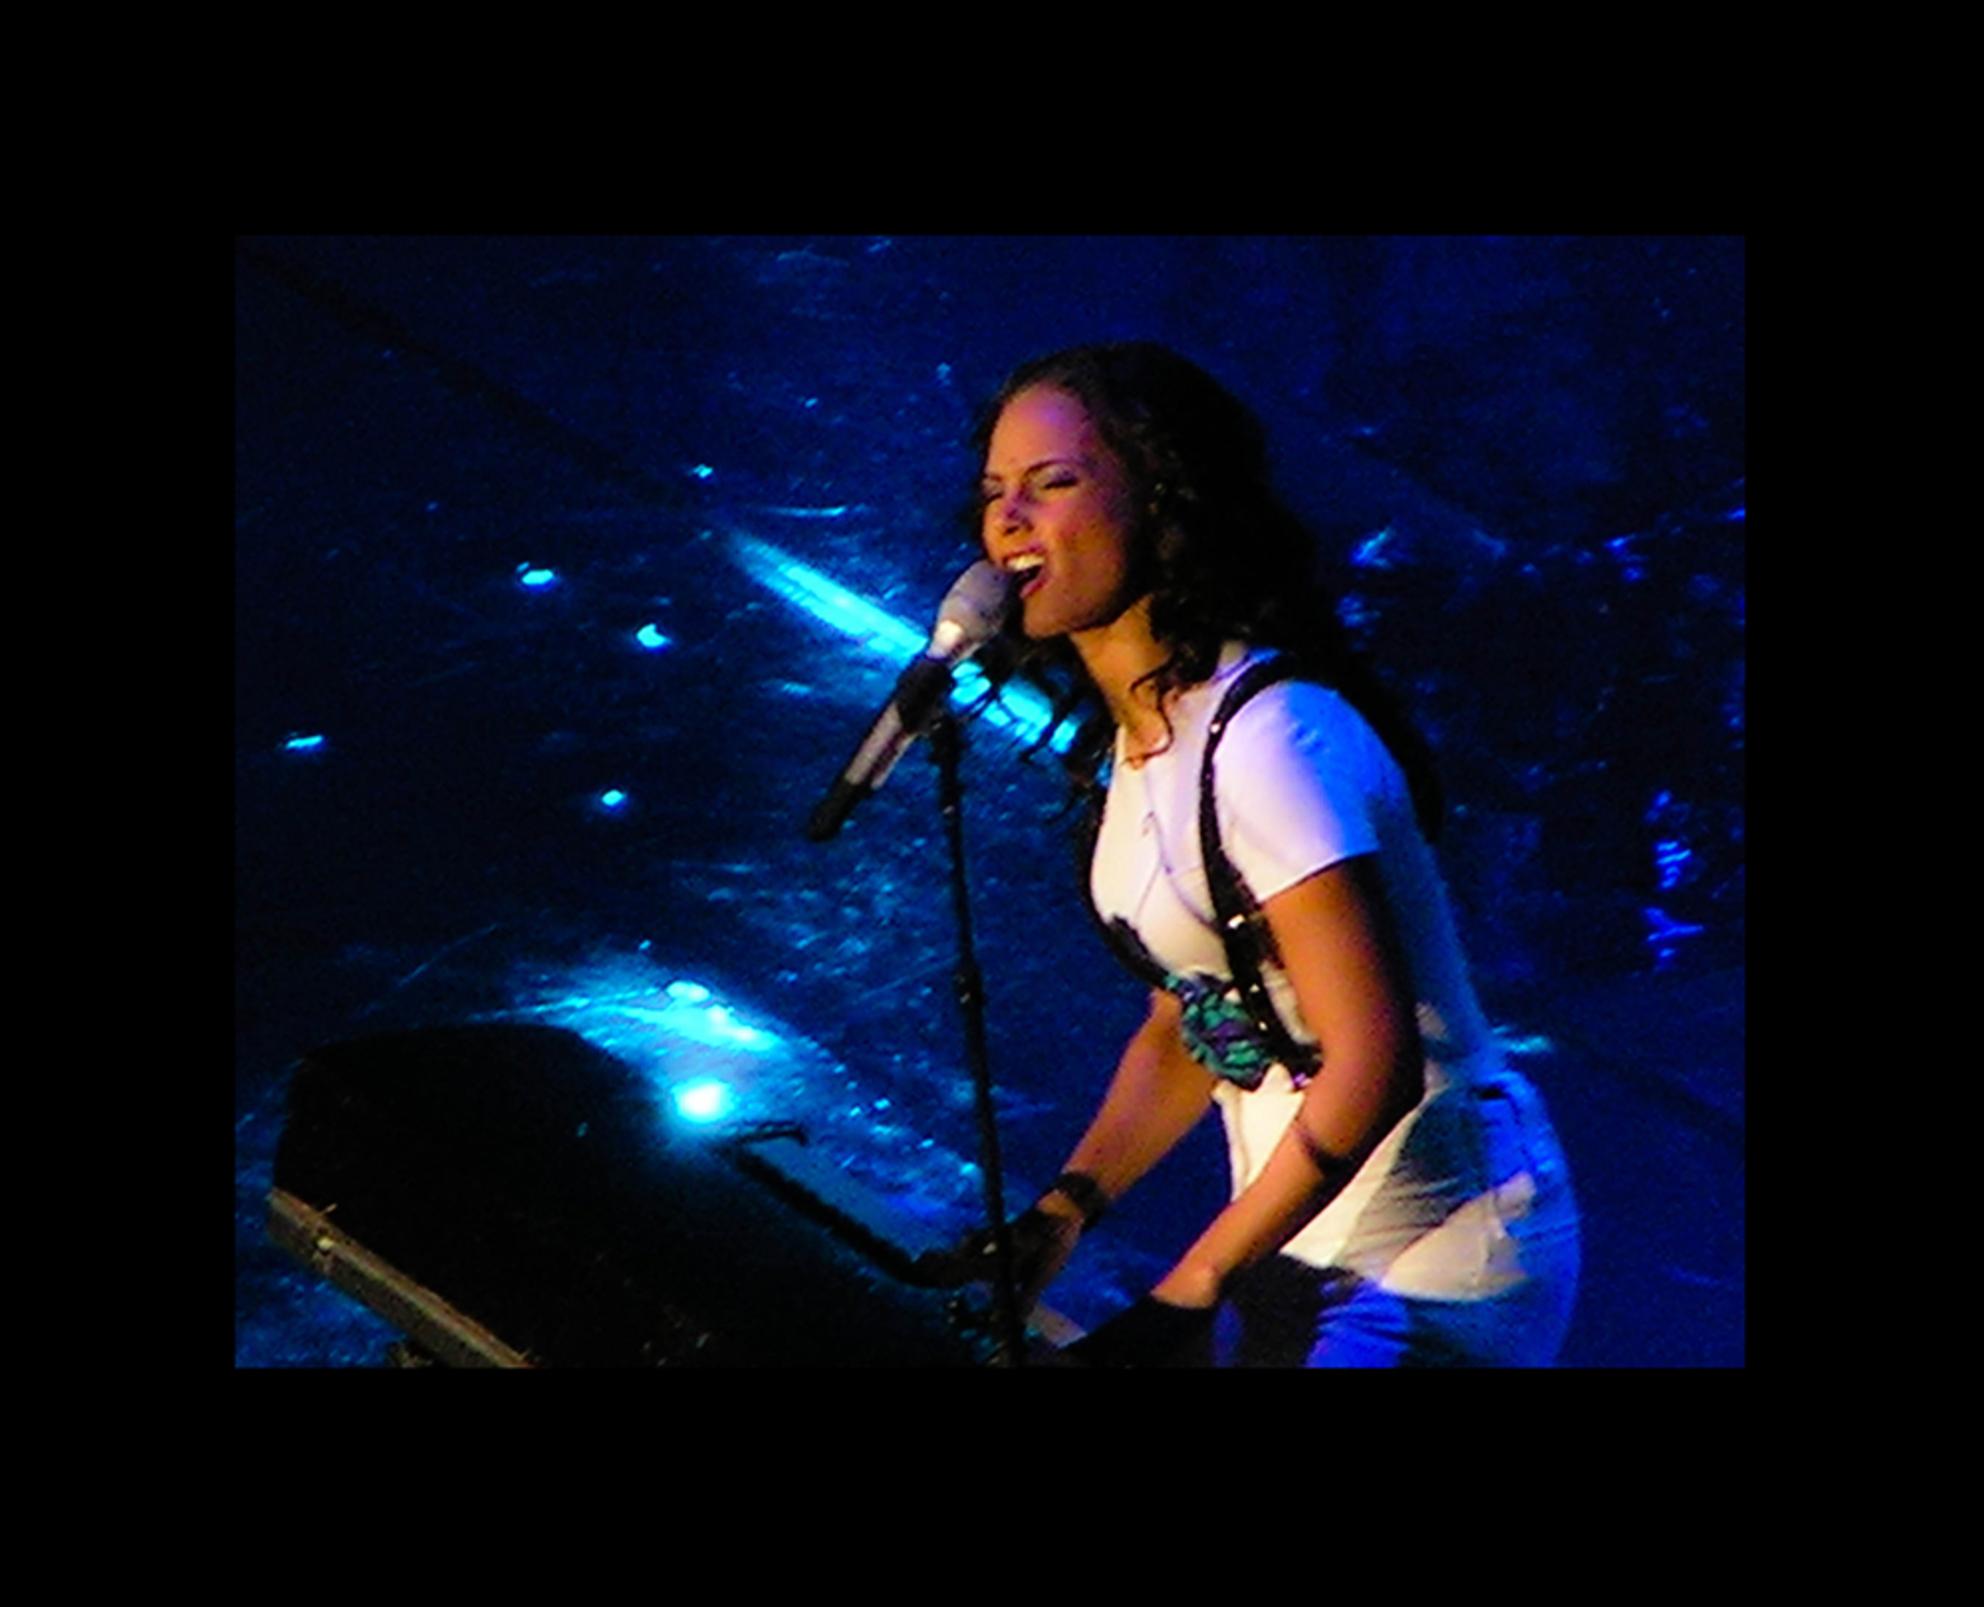 Ms Alicia Keys - Het was een geweldige concert van een prachtige jonge vrouw. - foto door shahaira op 28-10-2008 - deze foto bevat: muziek, concert, alicia, keys, shahaira - Deze foto mag gebruikt worden in een Zoom.nl publicatie